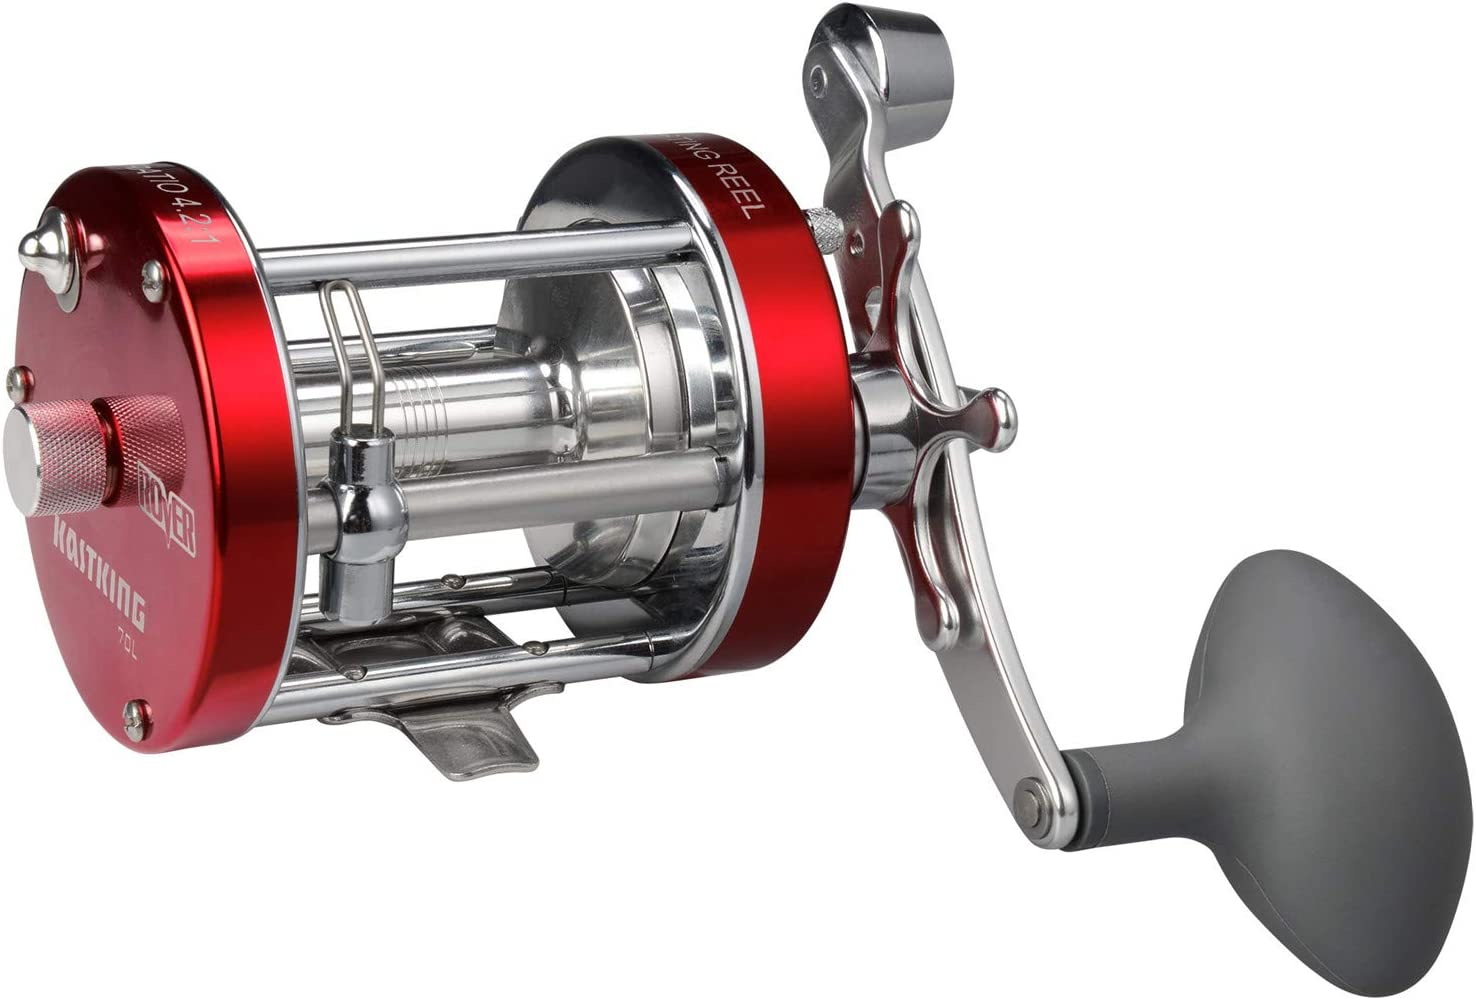 best musky reel: KastKing Rover Round Baitcasting Reel